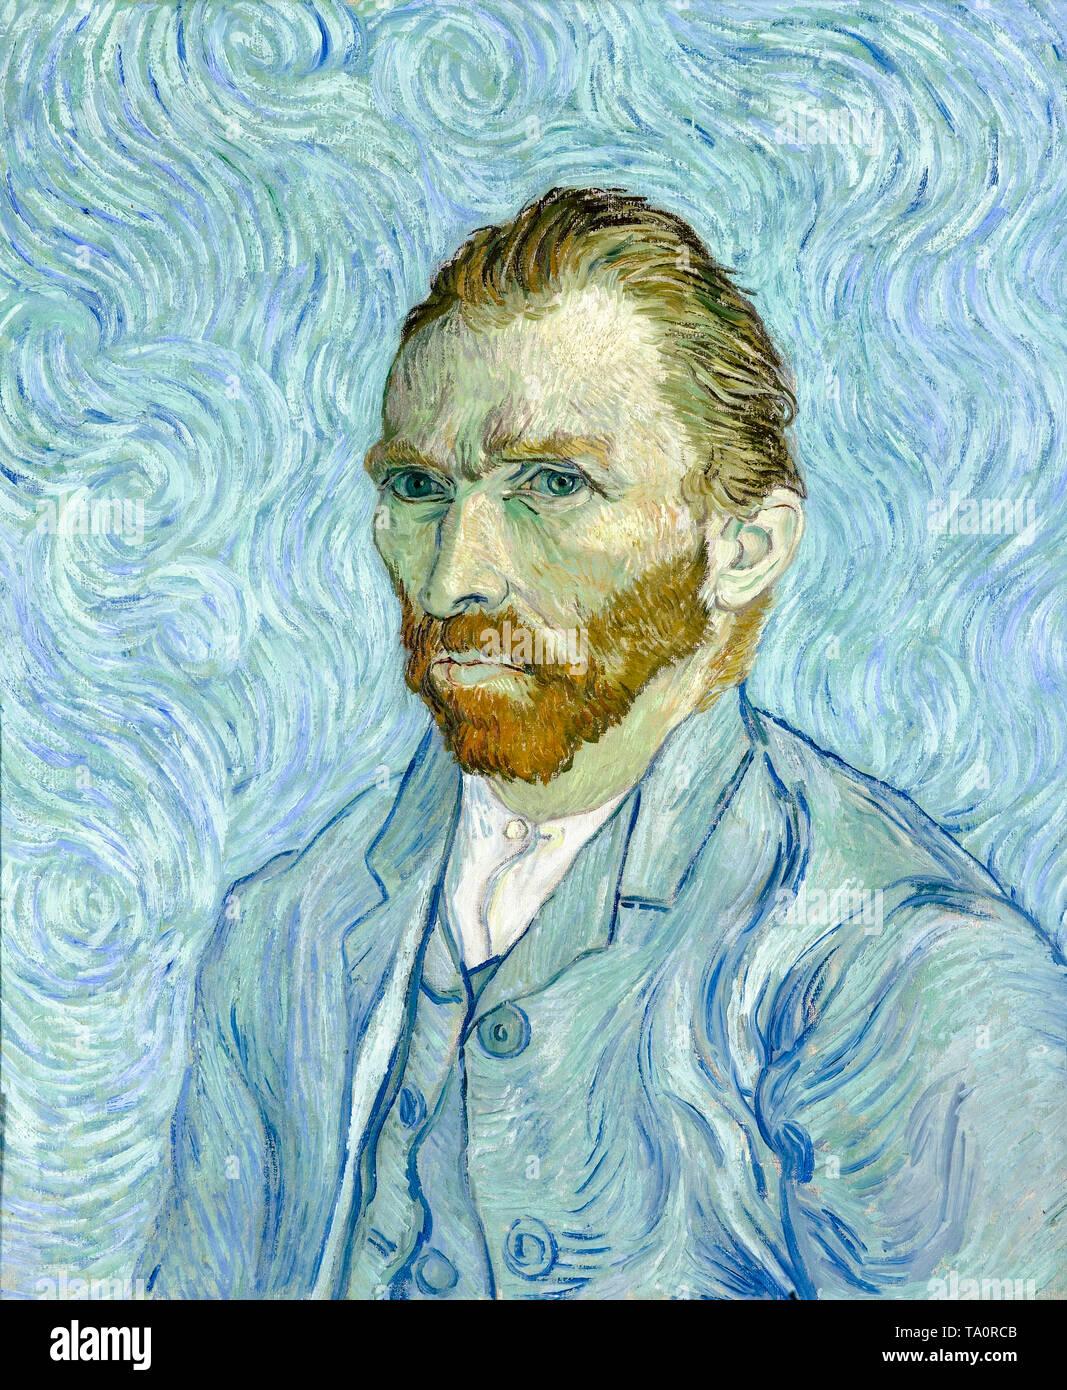 Vincent van Gogh, Self portrait, 1889 - Stock Image